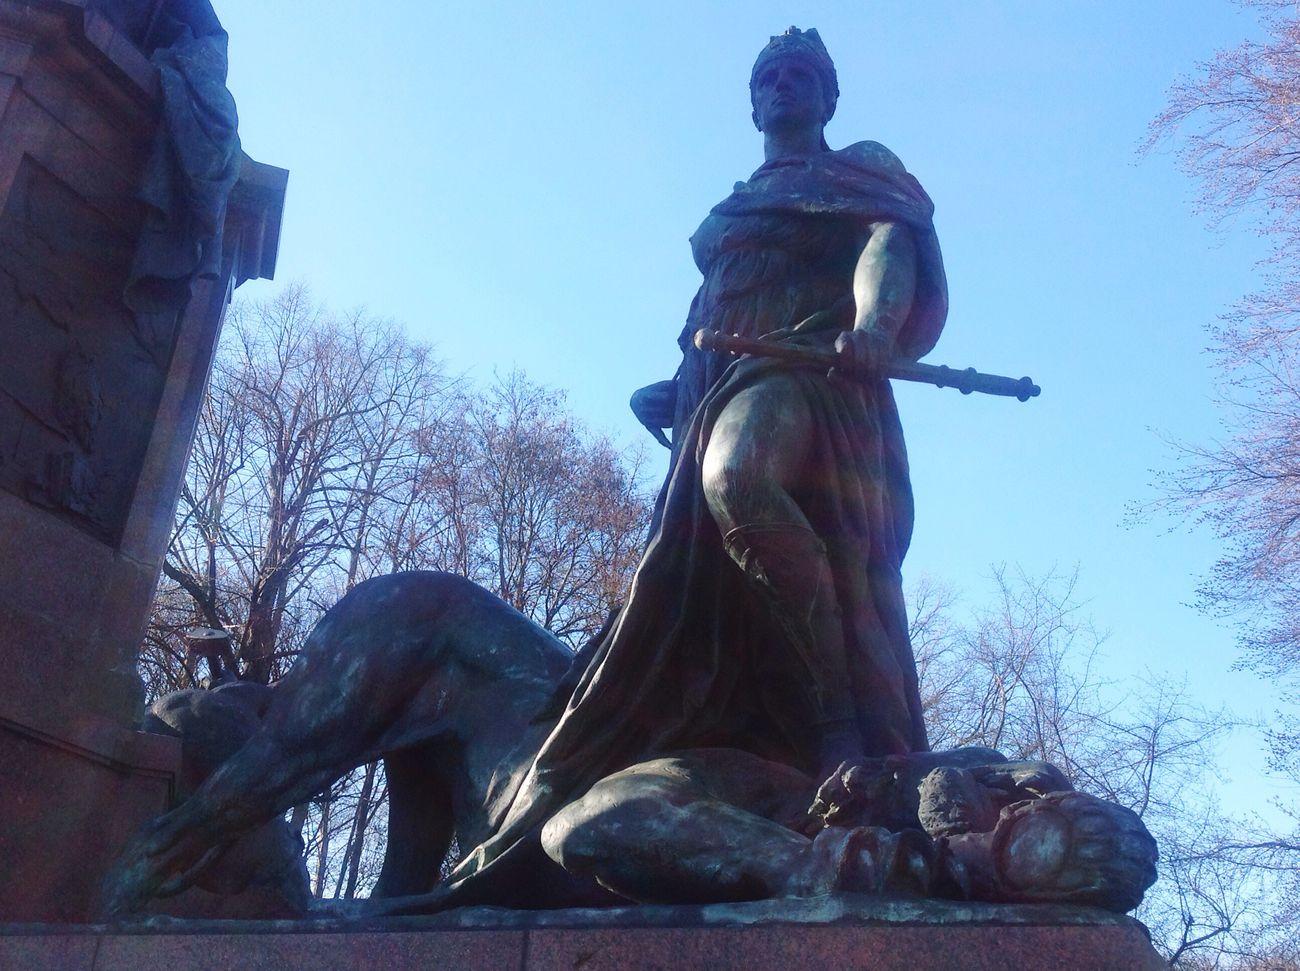 Berlin Tiergarten Escultura Statue Sculpture Esculpture Bronze Sculpture Bronze Statue Esculturas Y Estatuas